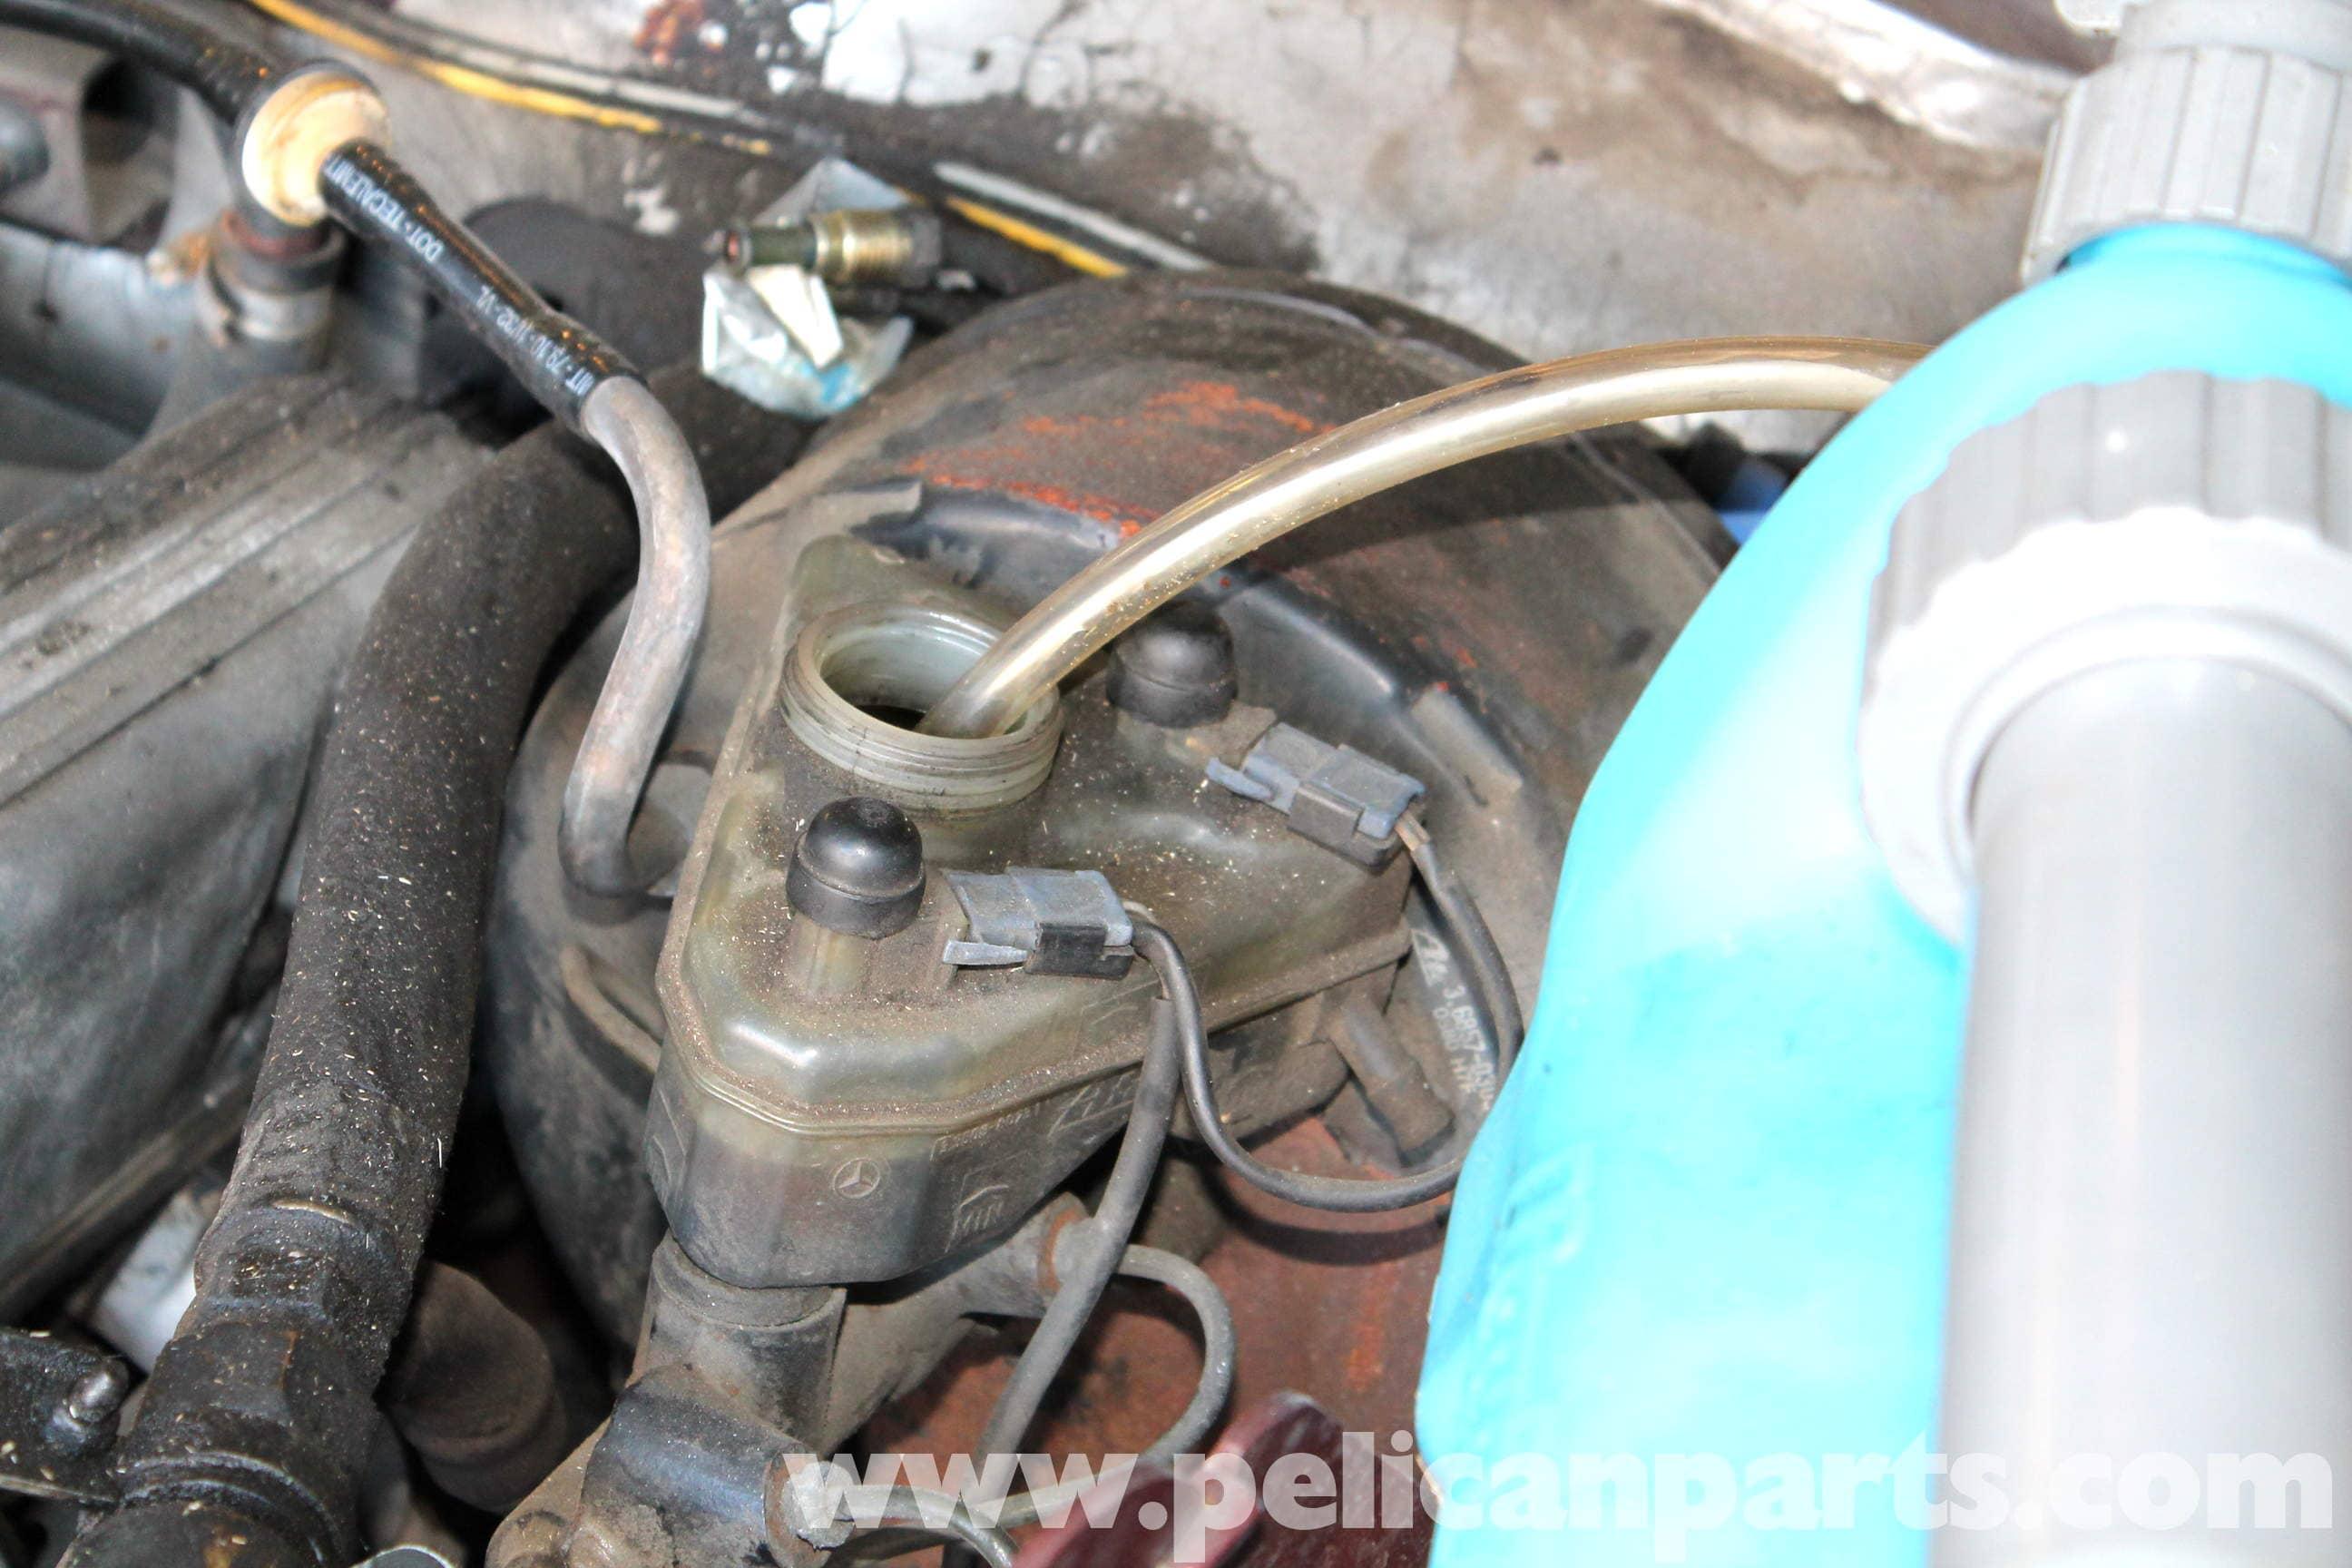 Mercedes-Benz R107 Master Cylinder and Brake Fluid Reservoir ...